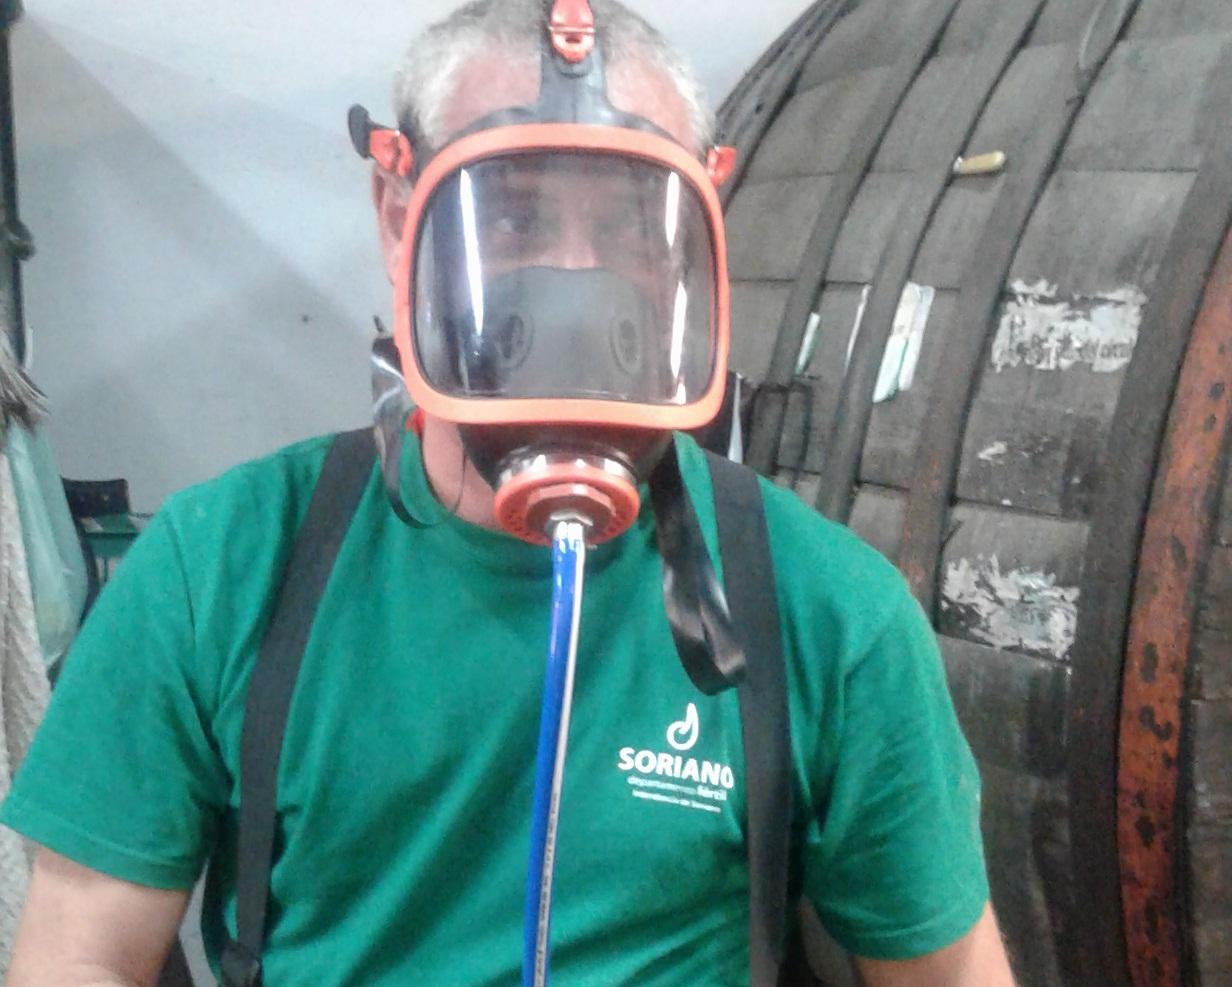 funcionario-de-bodega-en-curso-sobre-uso-de-mascara-de-aire